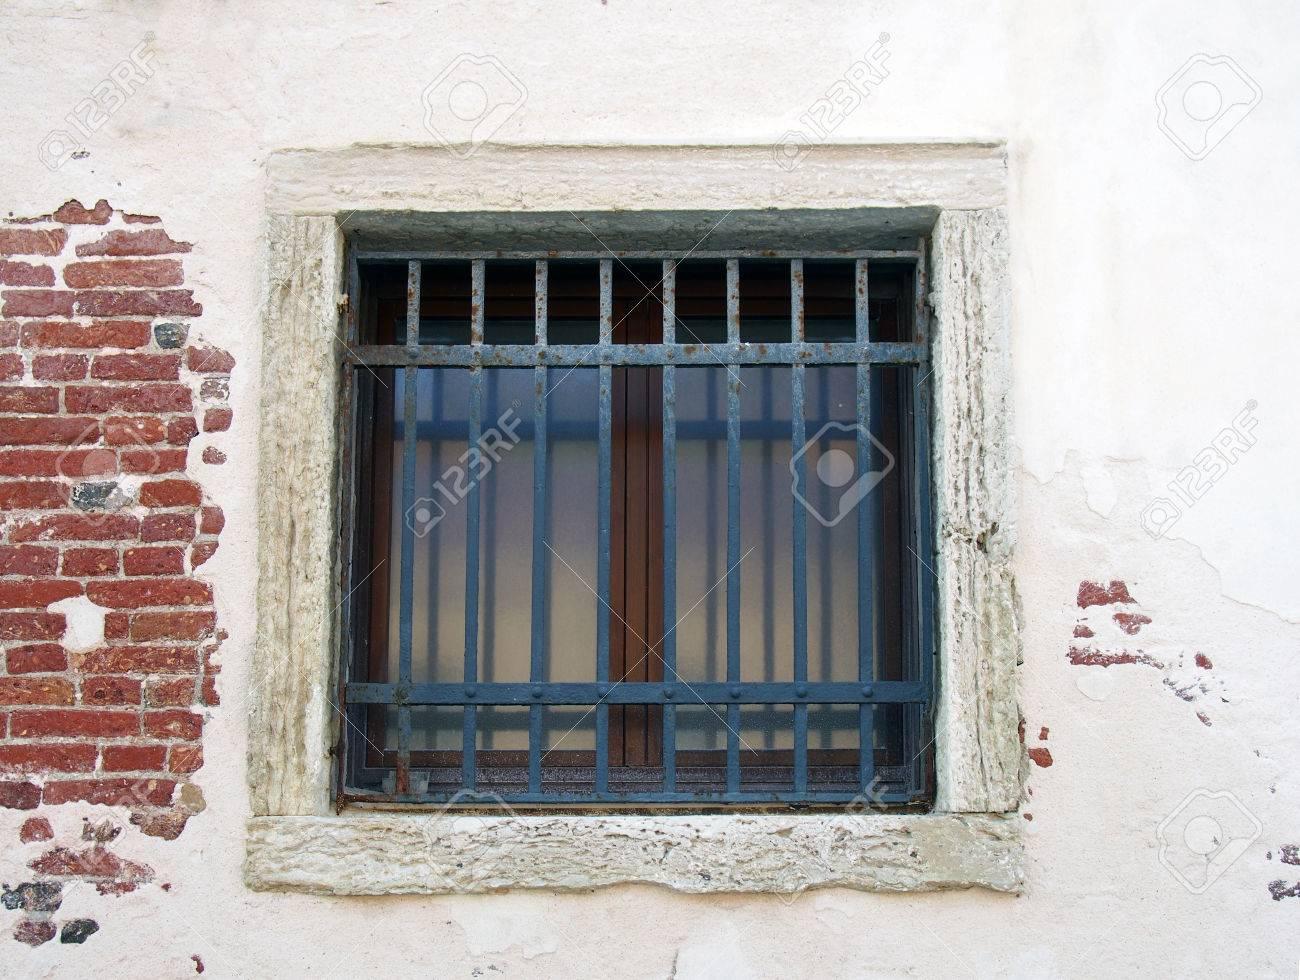 Amazing Quadratisches äußeres Fenster Mit Stäben Auf Einer Weißen Wand Mit  Ziegelsteinen, Die Zwar Zeigen Standard